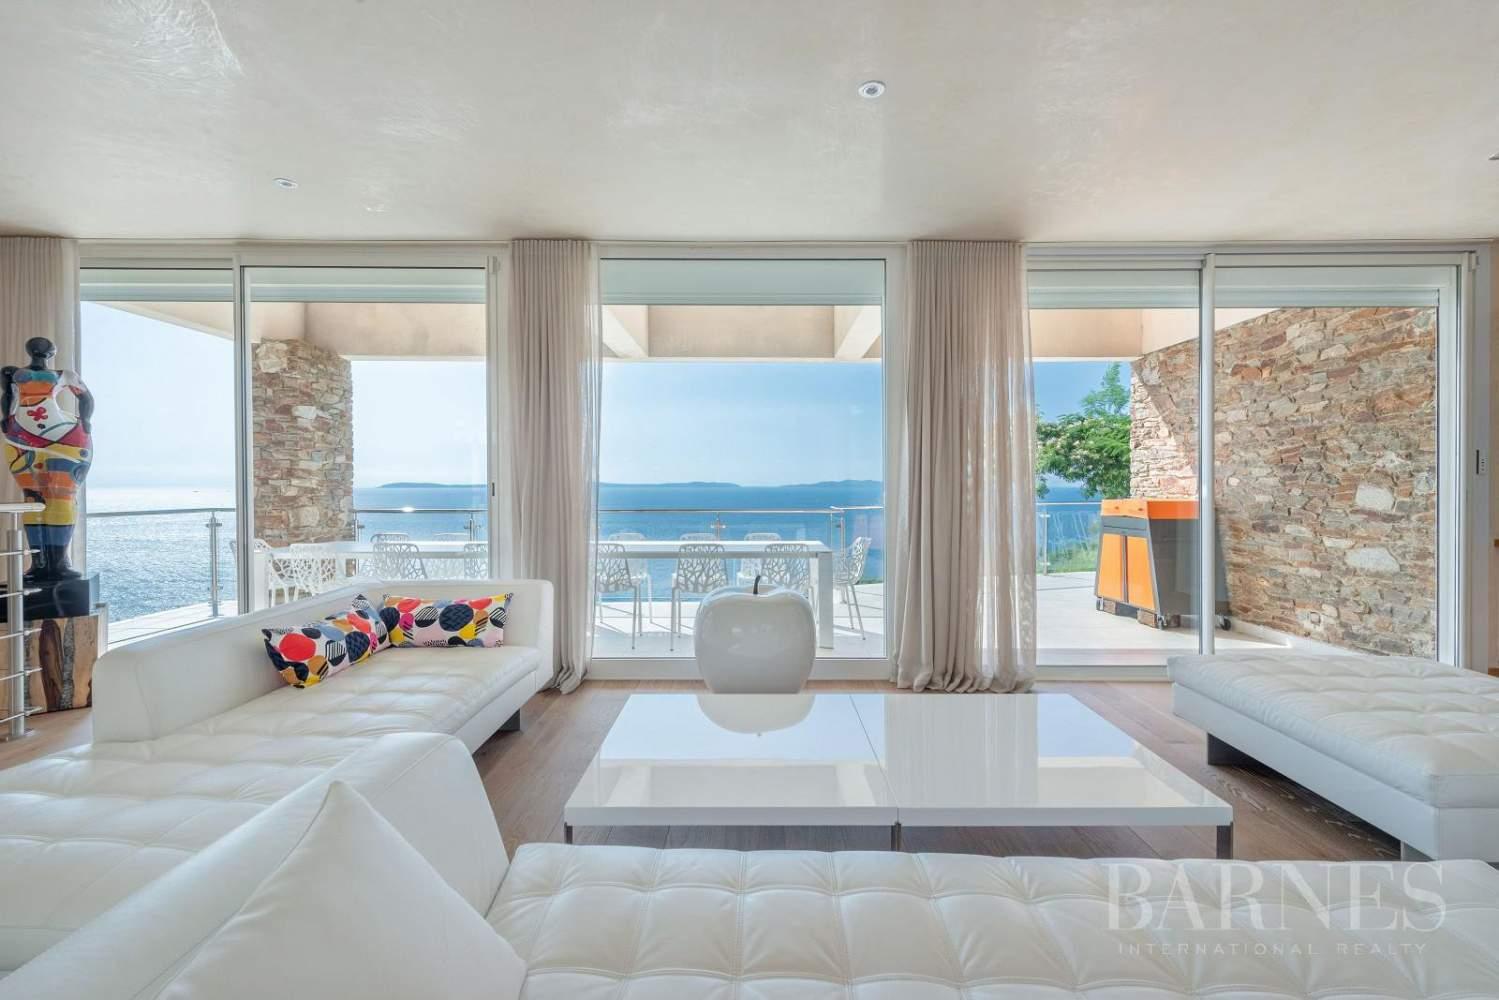 A vendre Le Lavandou villa 6 chambres vue mer panoramique - piscine picture 4